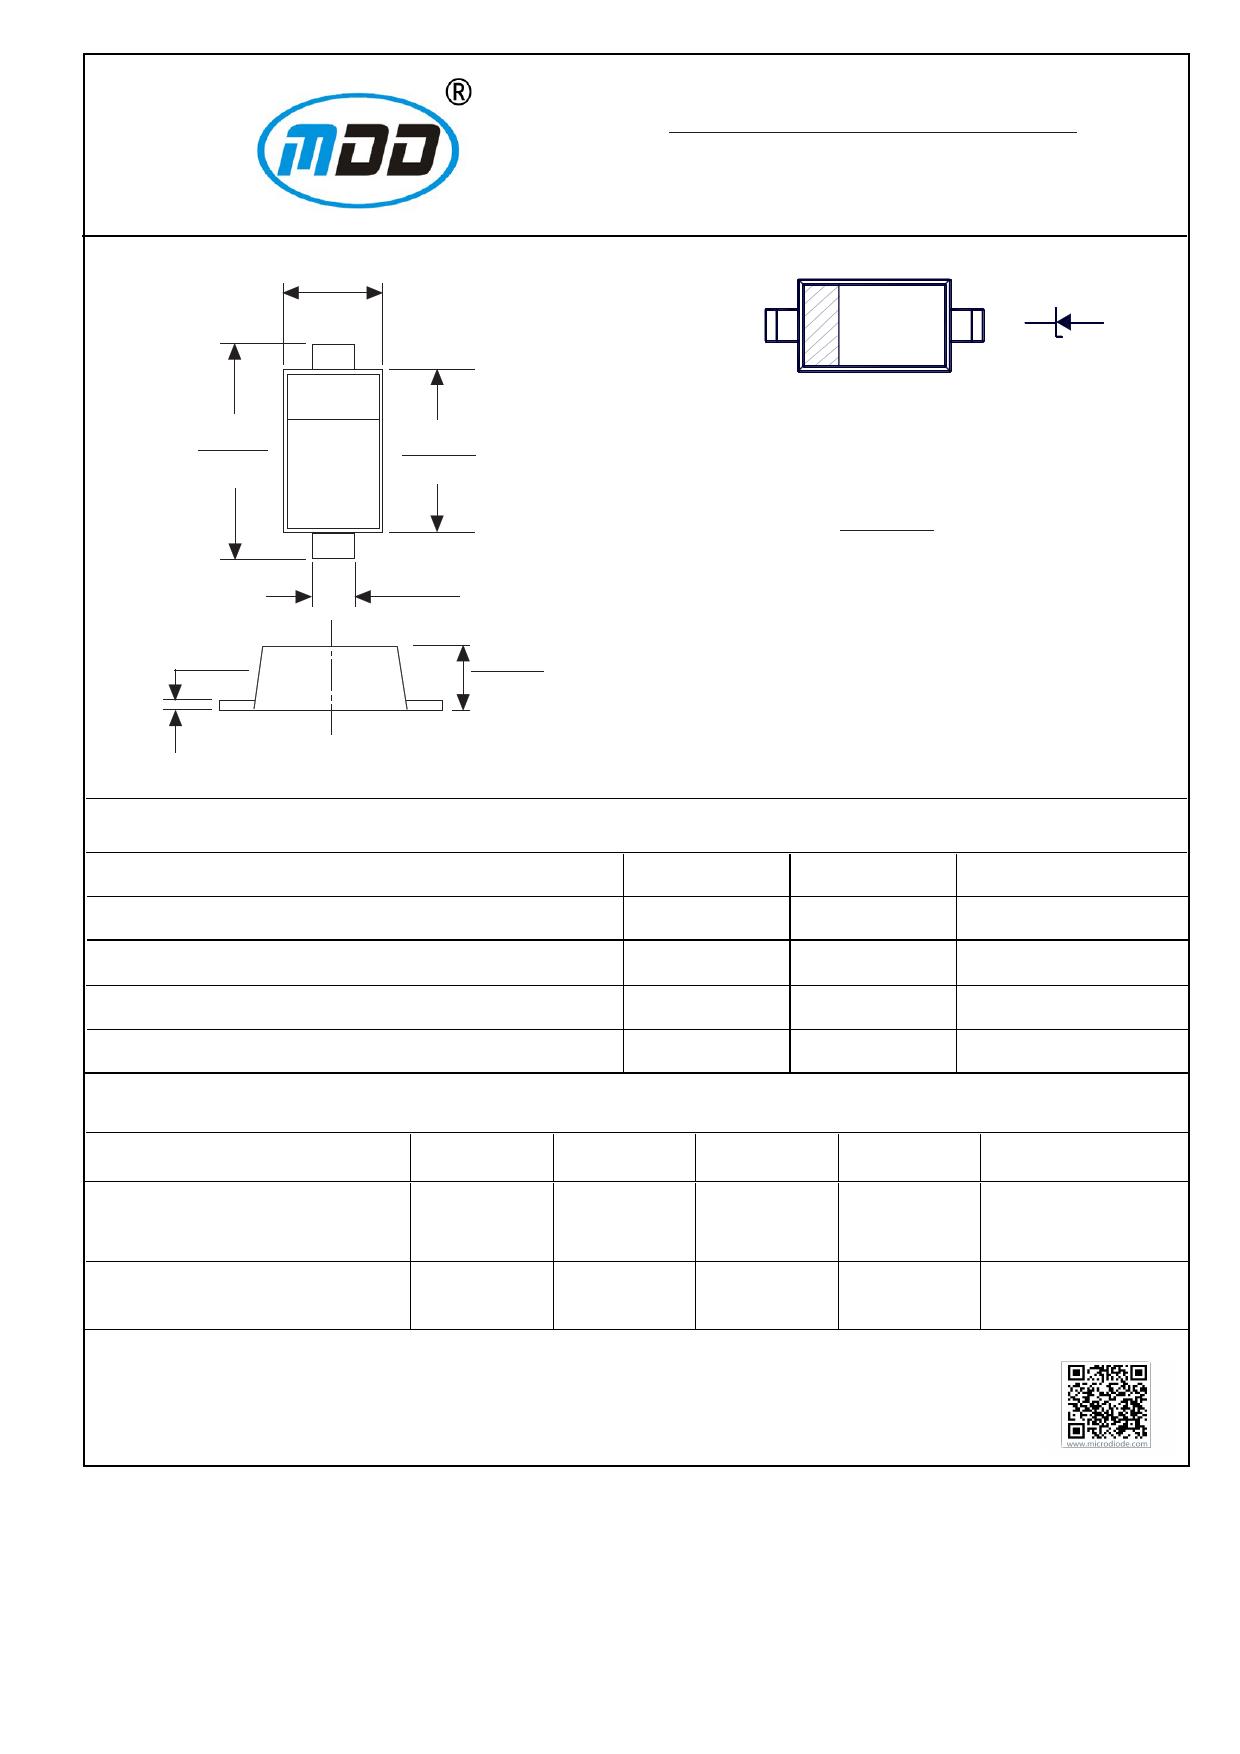 MM1Z6V2 datasheet